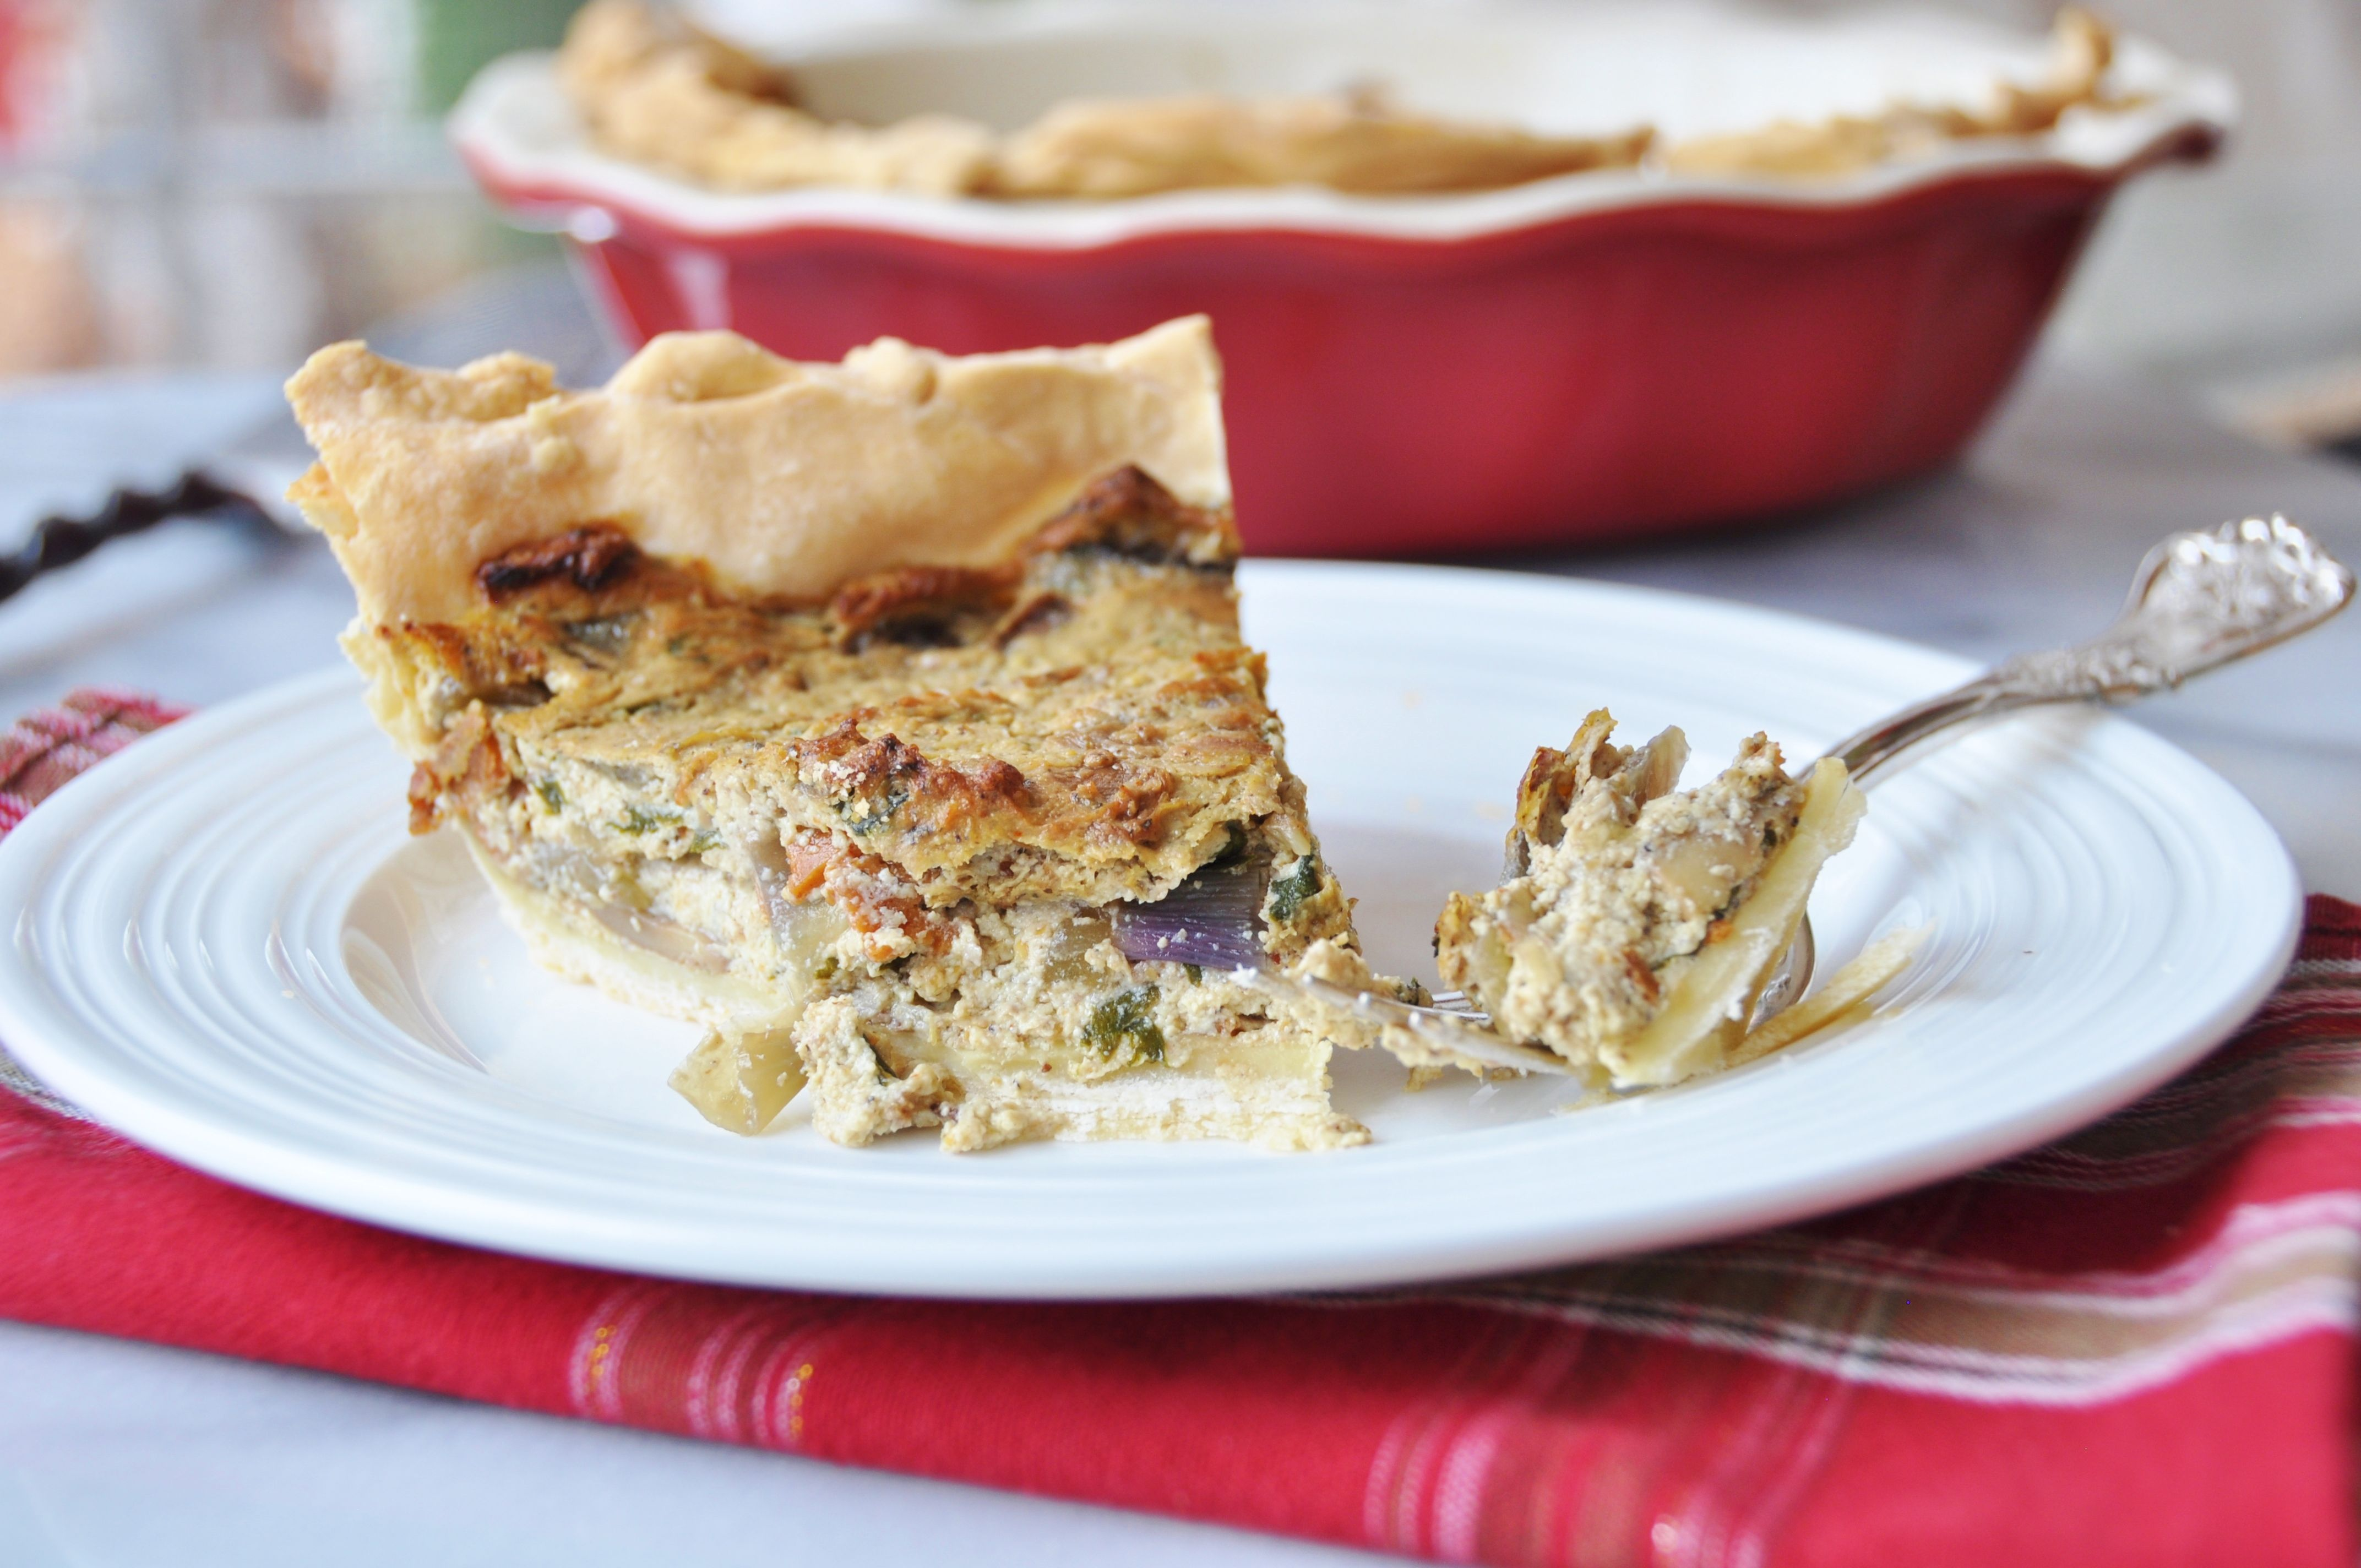 Vegan Spinach And Mushroom Quiche Vegan Dishes Delicious Vegan Recipes Raw Vegan Recipes